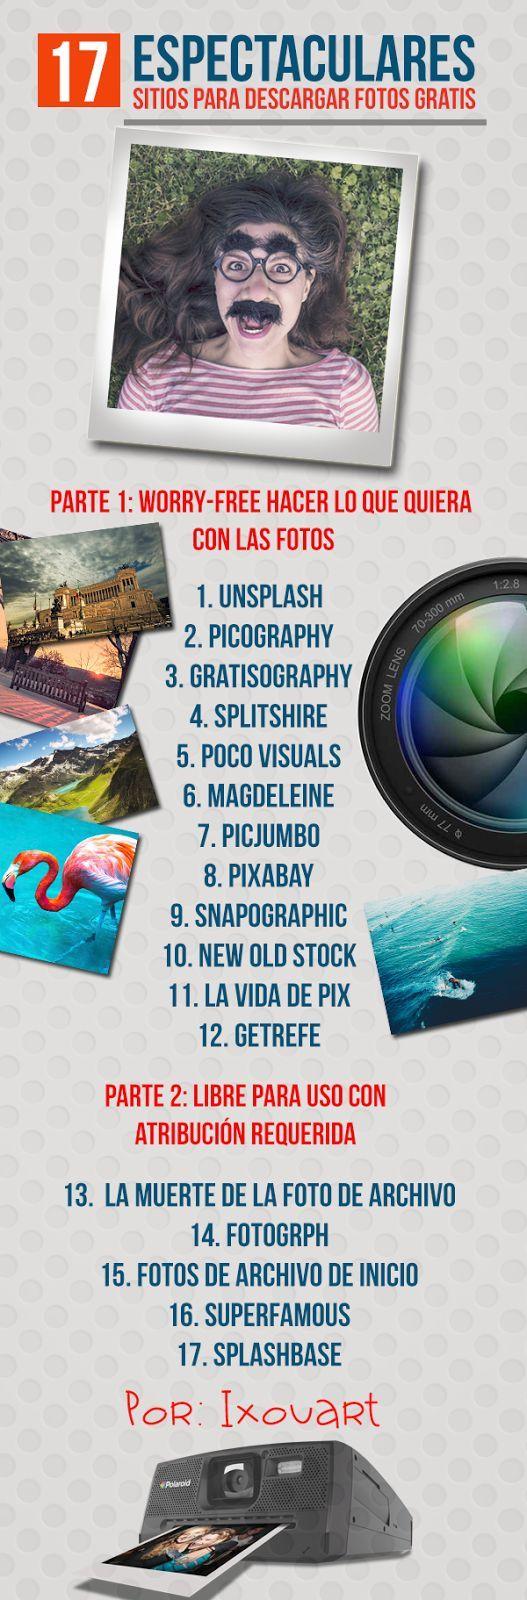 Una infografía con 17 espectaculares sitios para descargar Fotos Gratis.